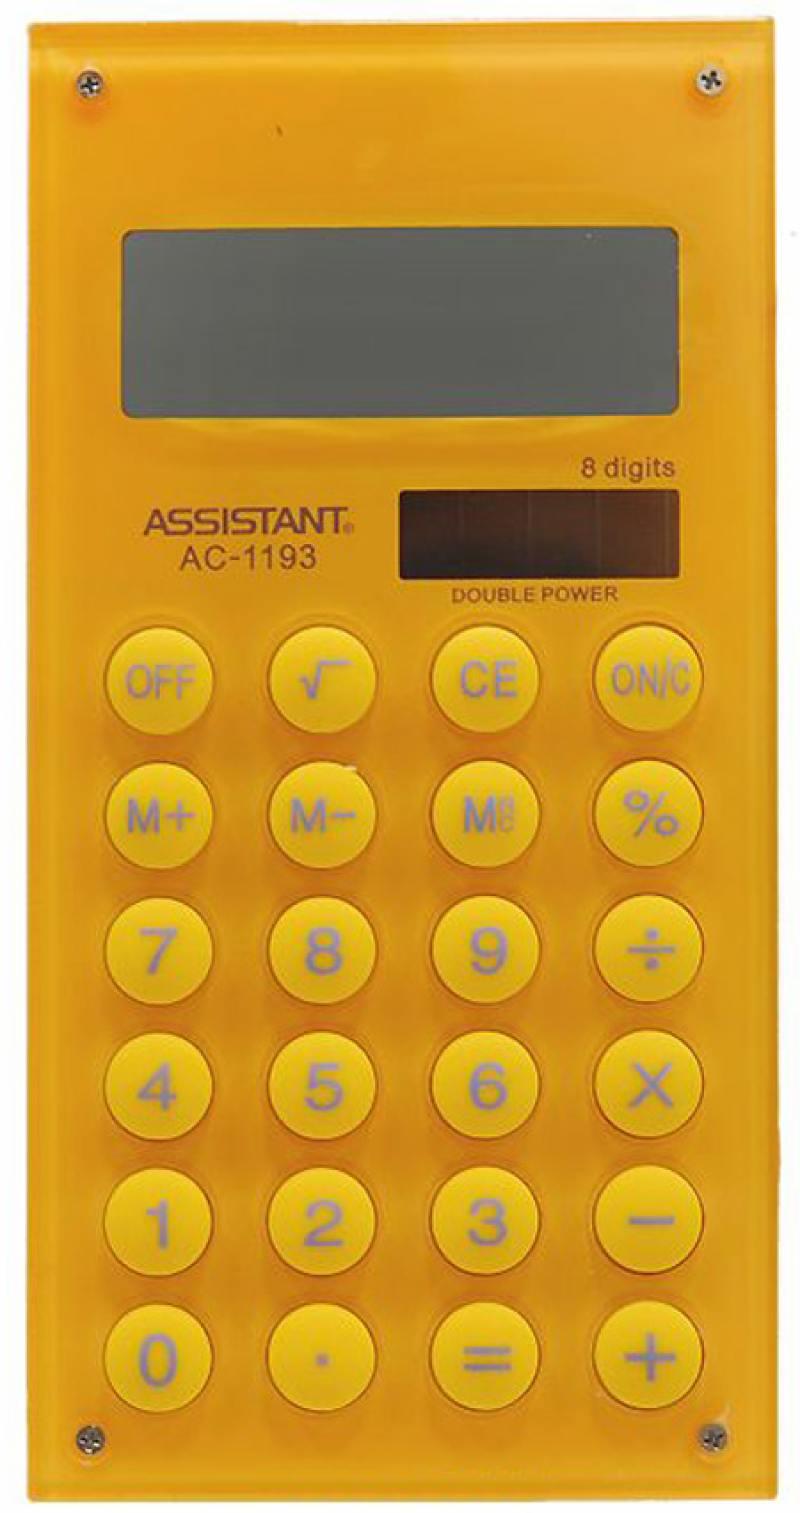 Калькулятор карманный Assistant AC-1193Yellow 8-разрядный AC-1193Yellow калькулятор карманный assistant ac 1203 10 разрядный ac 1203